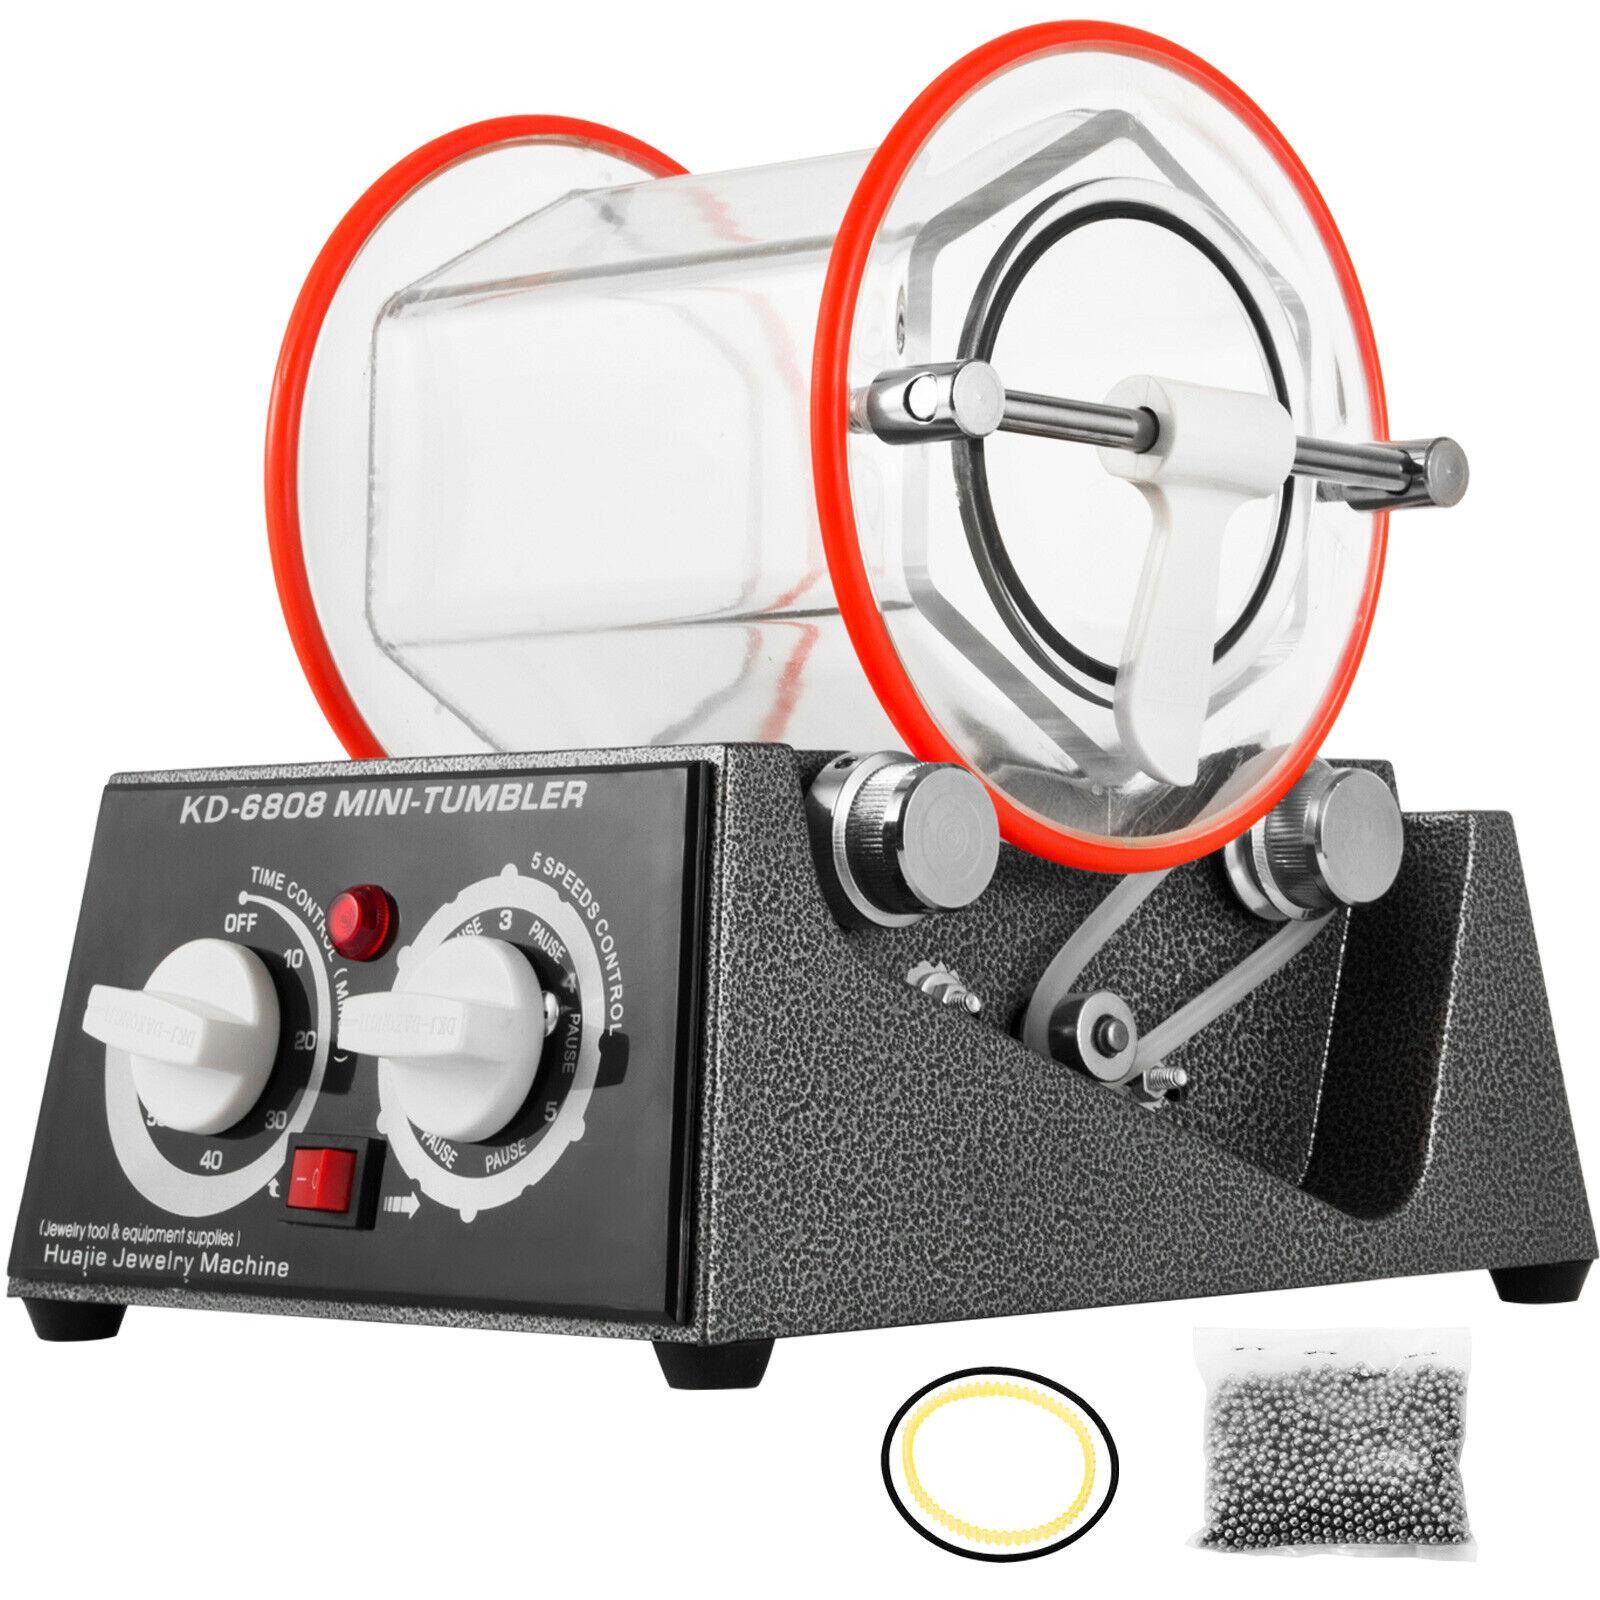 VEVOR 3 كجم الروتاري بهلوان سطح الملمع مجوهرات تلميع التشطيب سوبر آلة صغيرة KT6808 مع برميل زجاجي للشطب